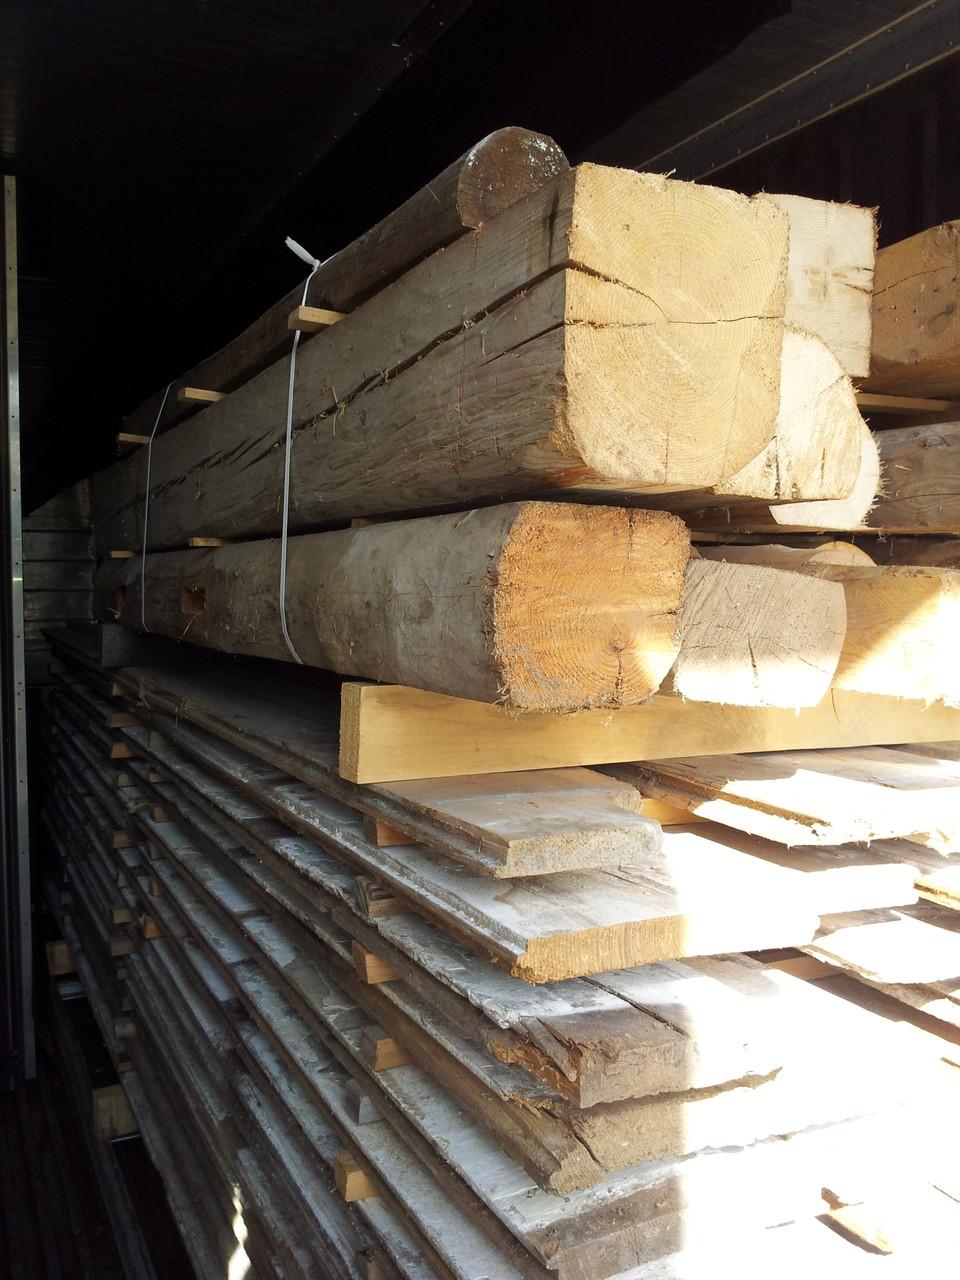 Holz zur Hitzebehandlung in der Trockenkammer